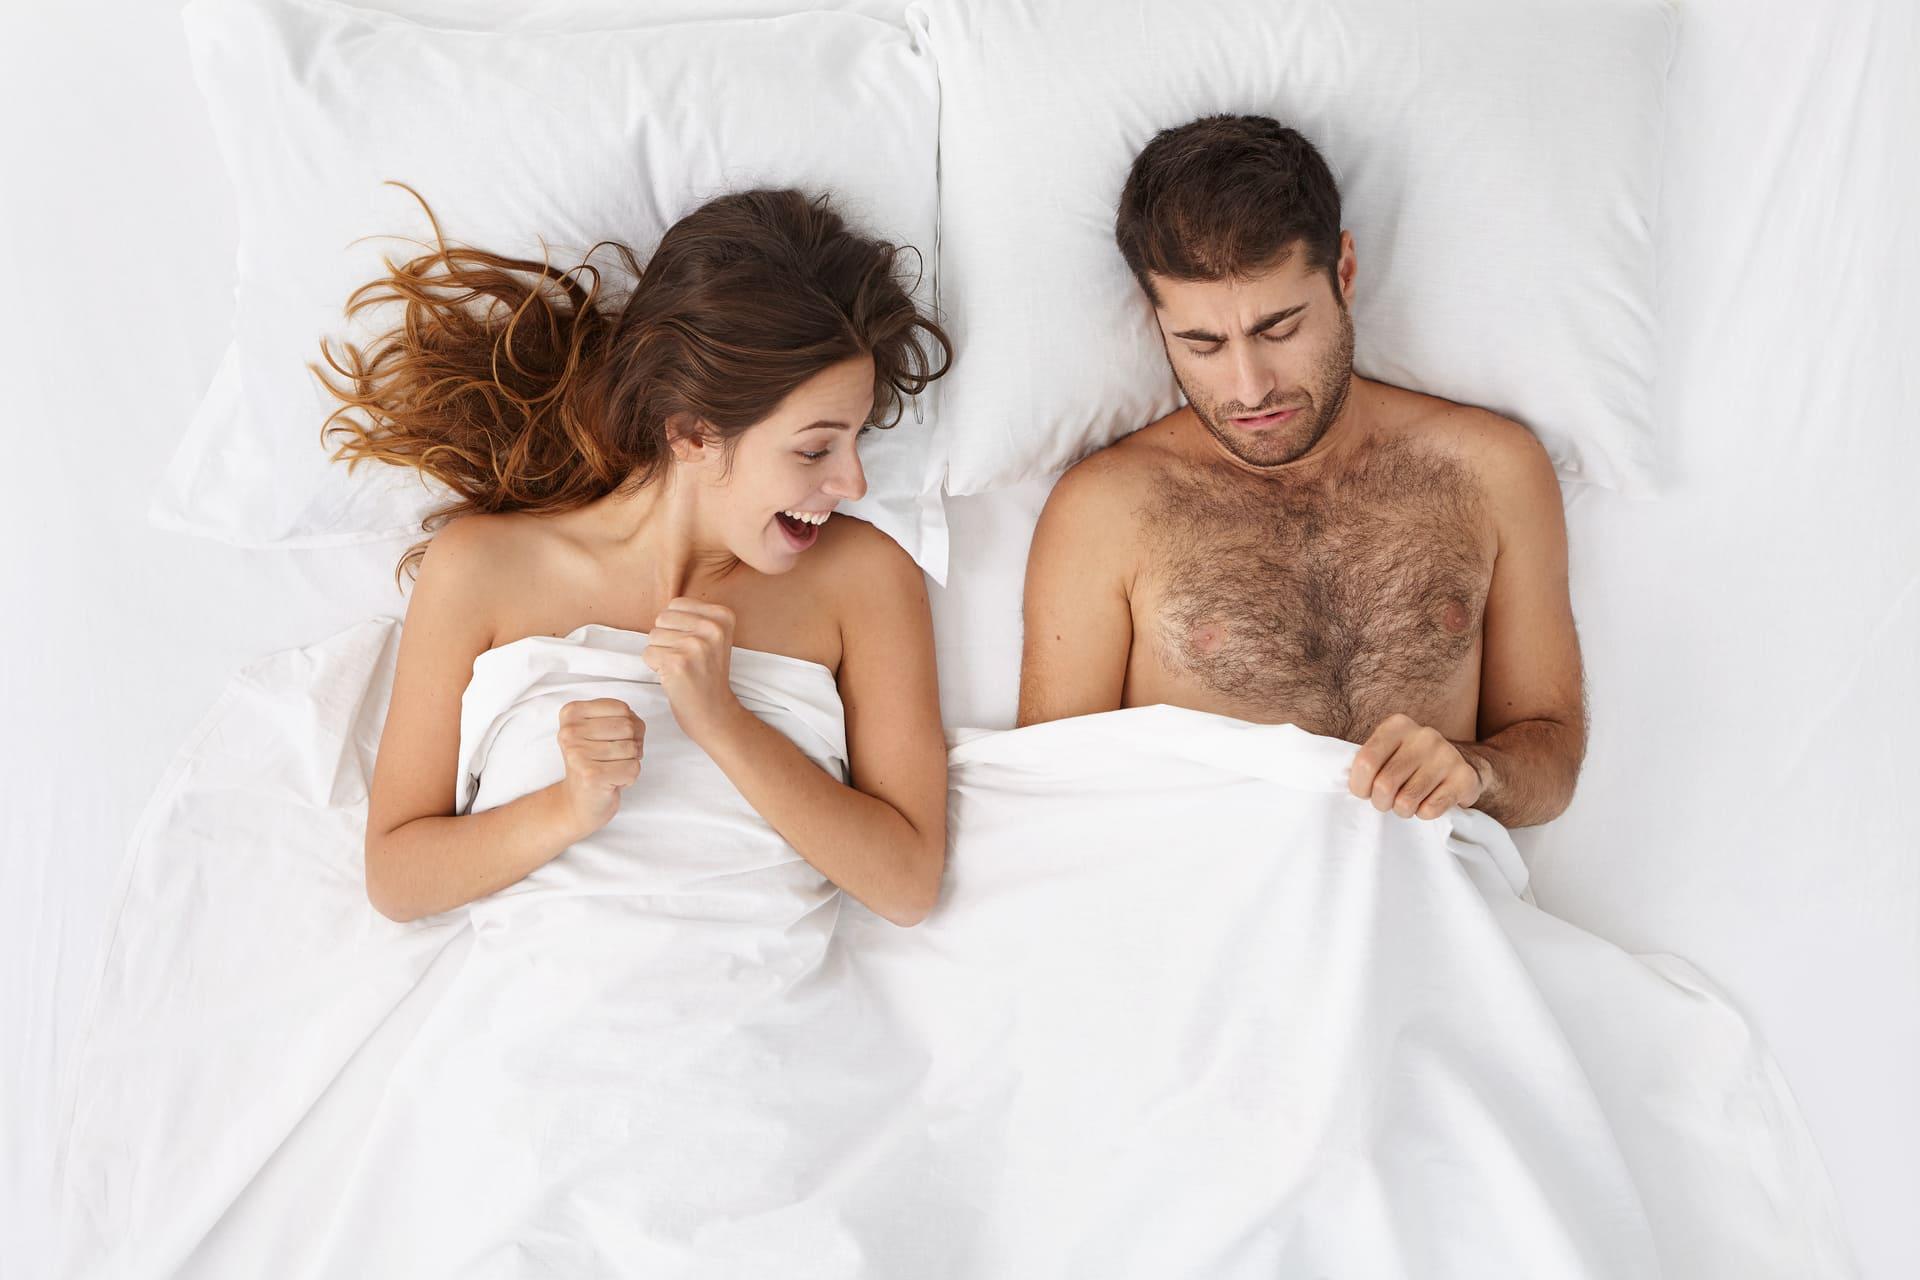 problém s veľkosťou penisu v posteli, muž má malý penis